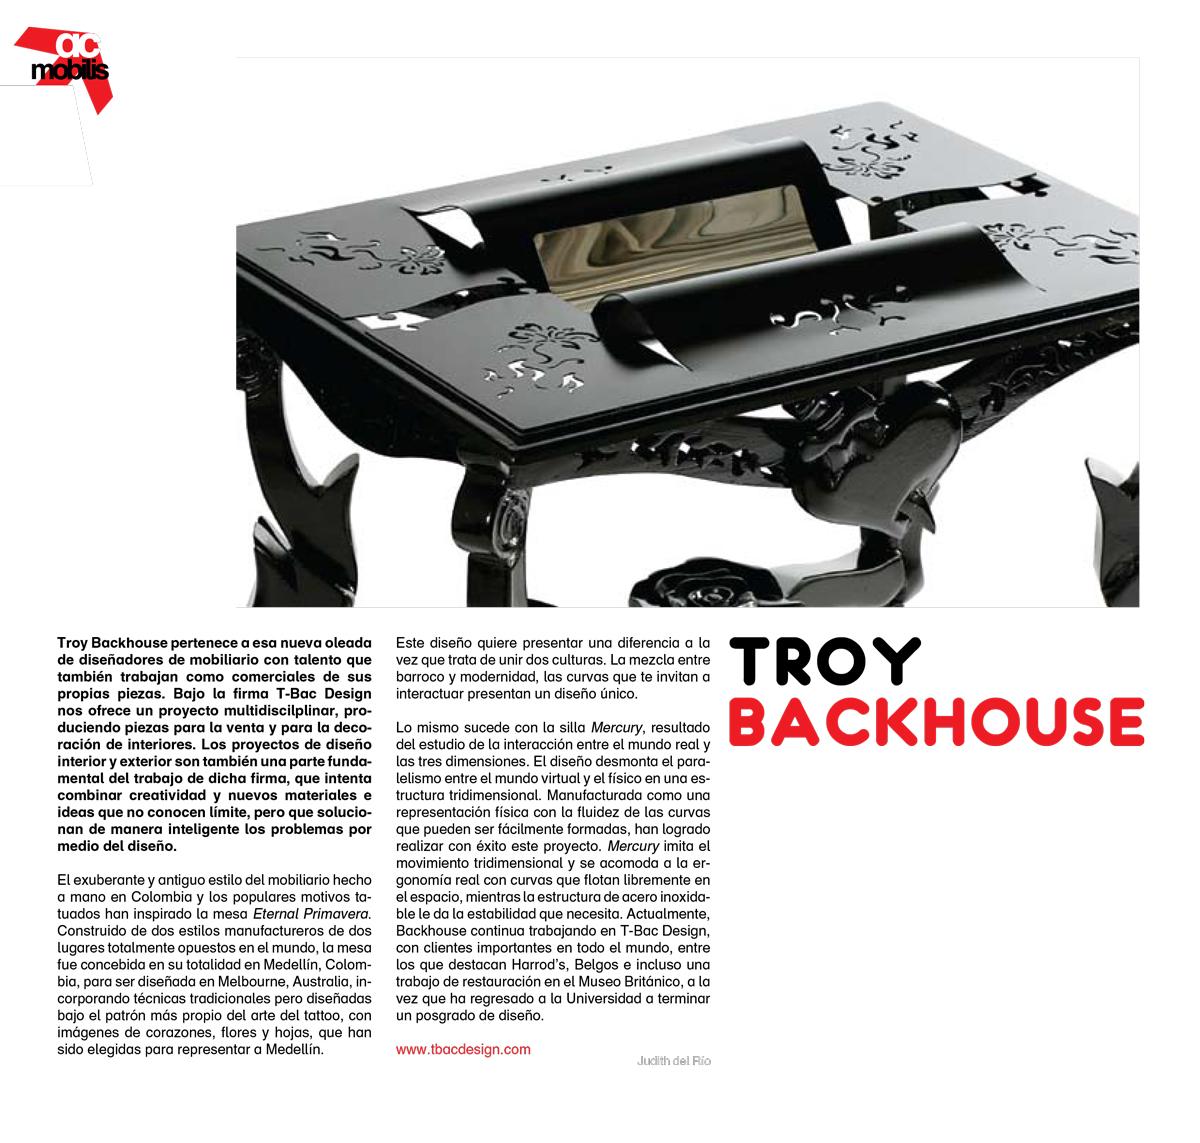 actitudes Spanish design magazine Troy Backhouse publication